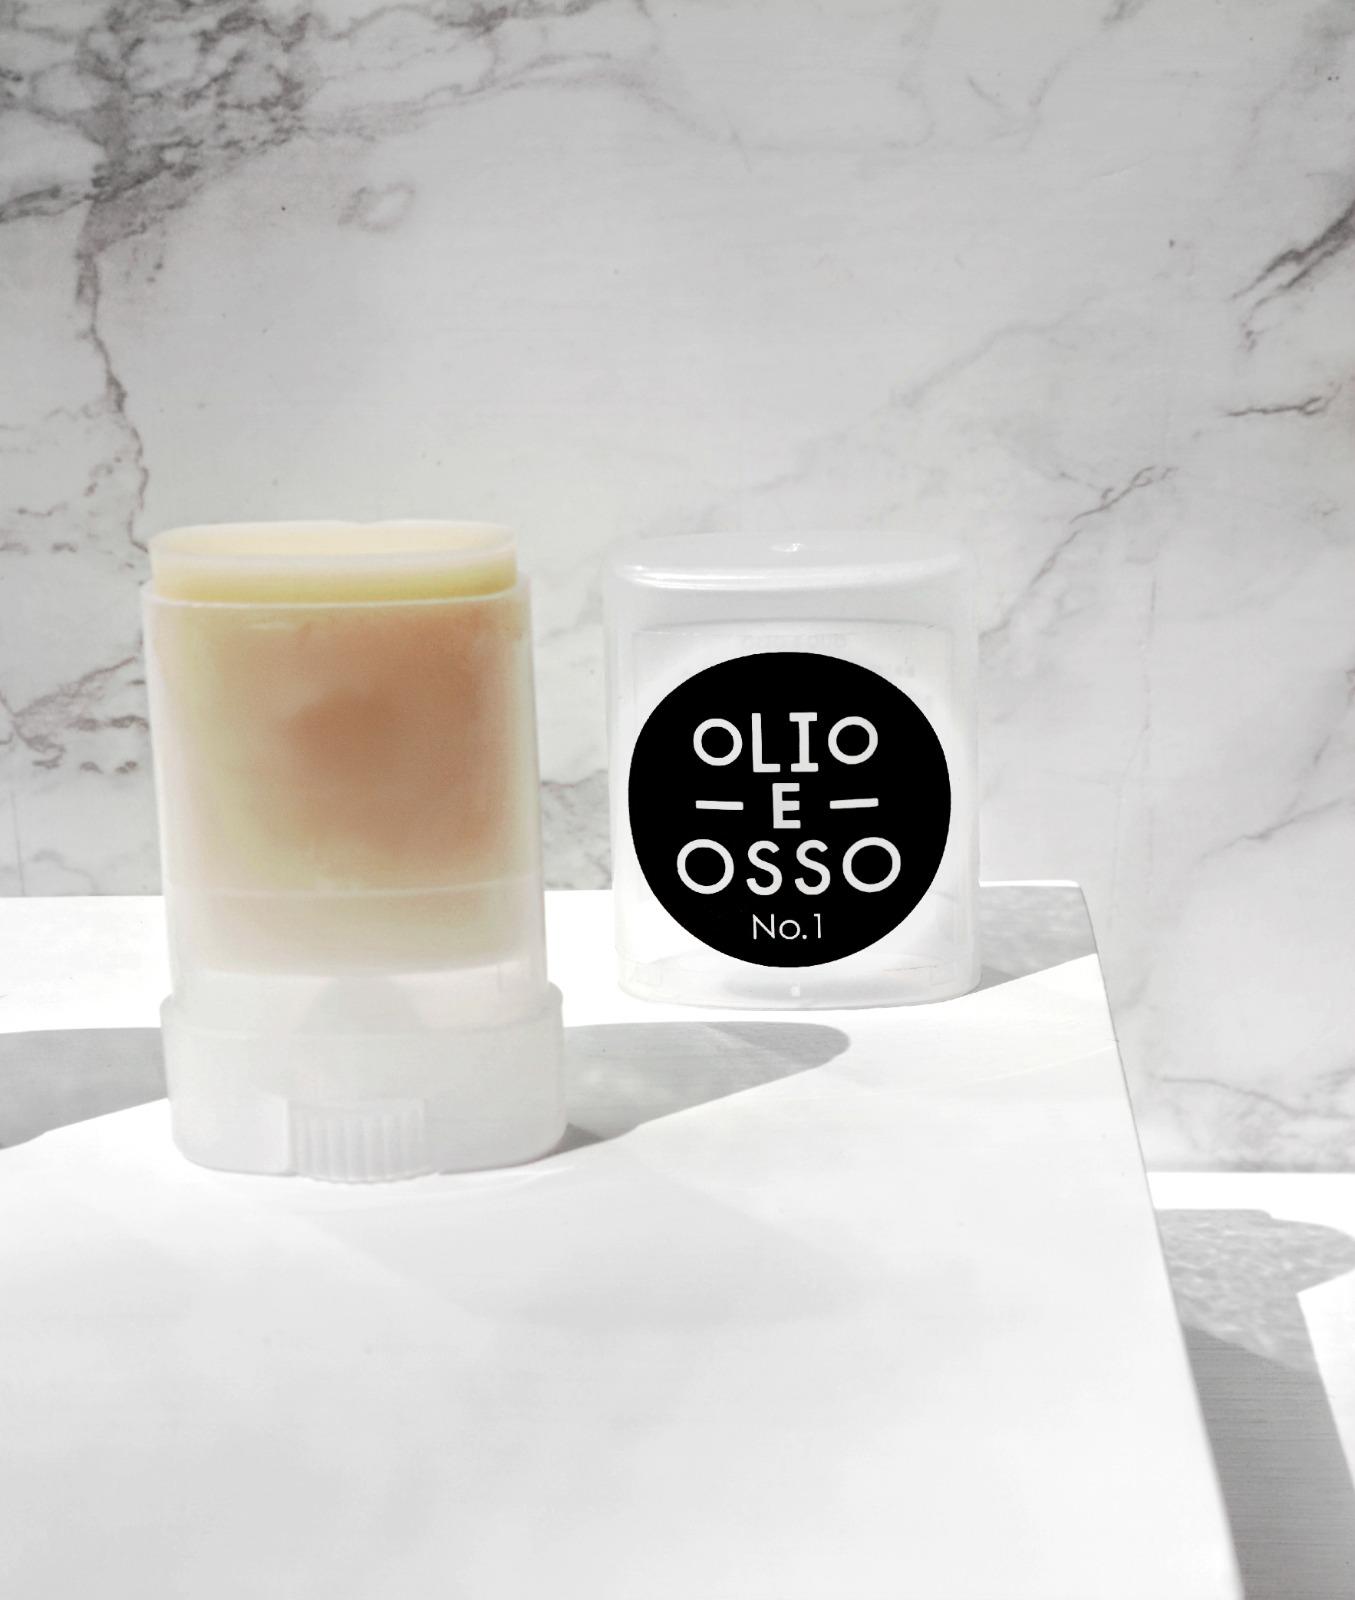 Olio E Osso clear balm no 1 Jo Lorenz Paola LaMorticella